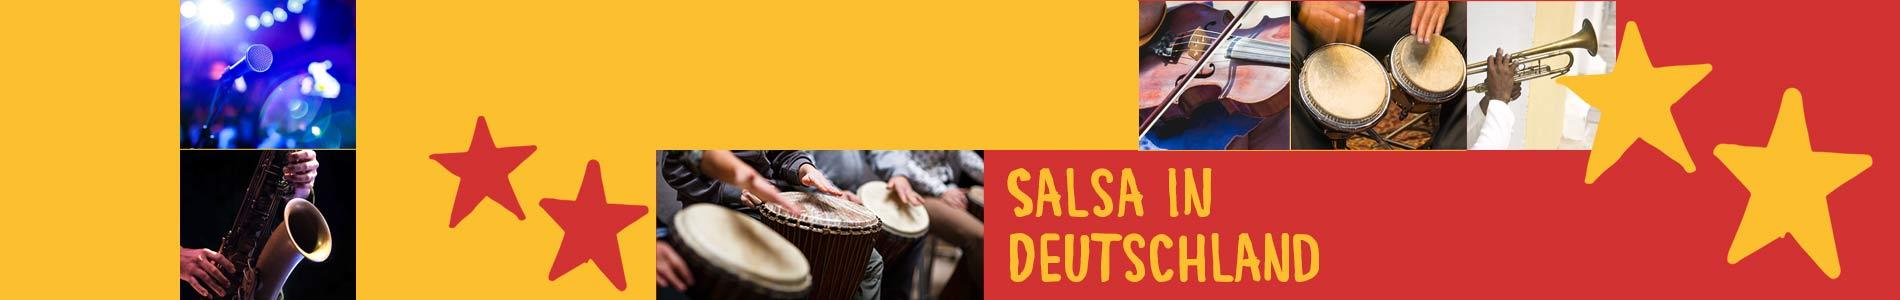 Salsa in Brennberg – Salsa lernen und tanzen, Tanzkurse, Partys, Veranstaltungen